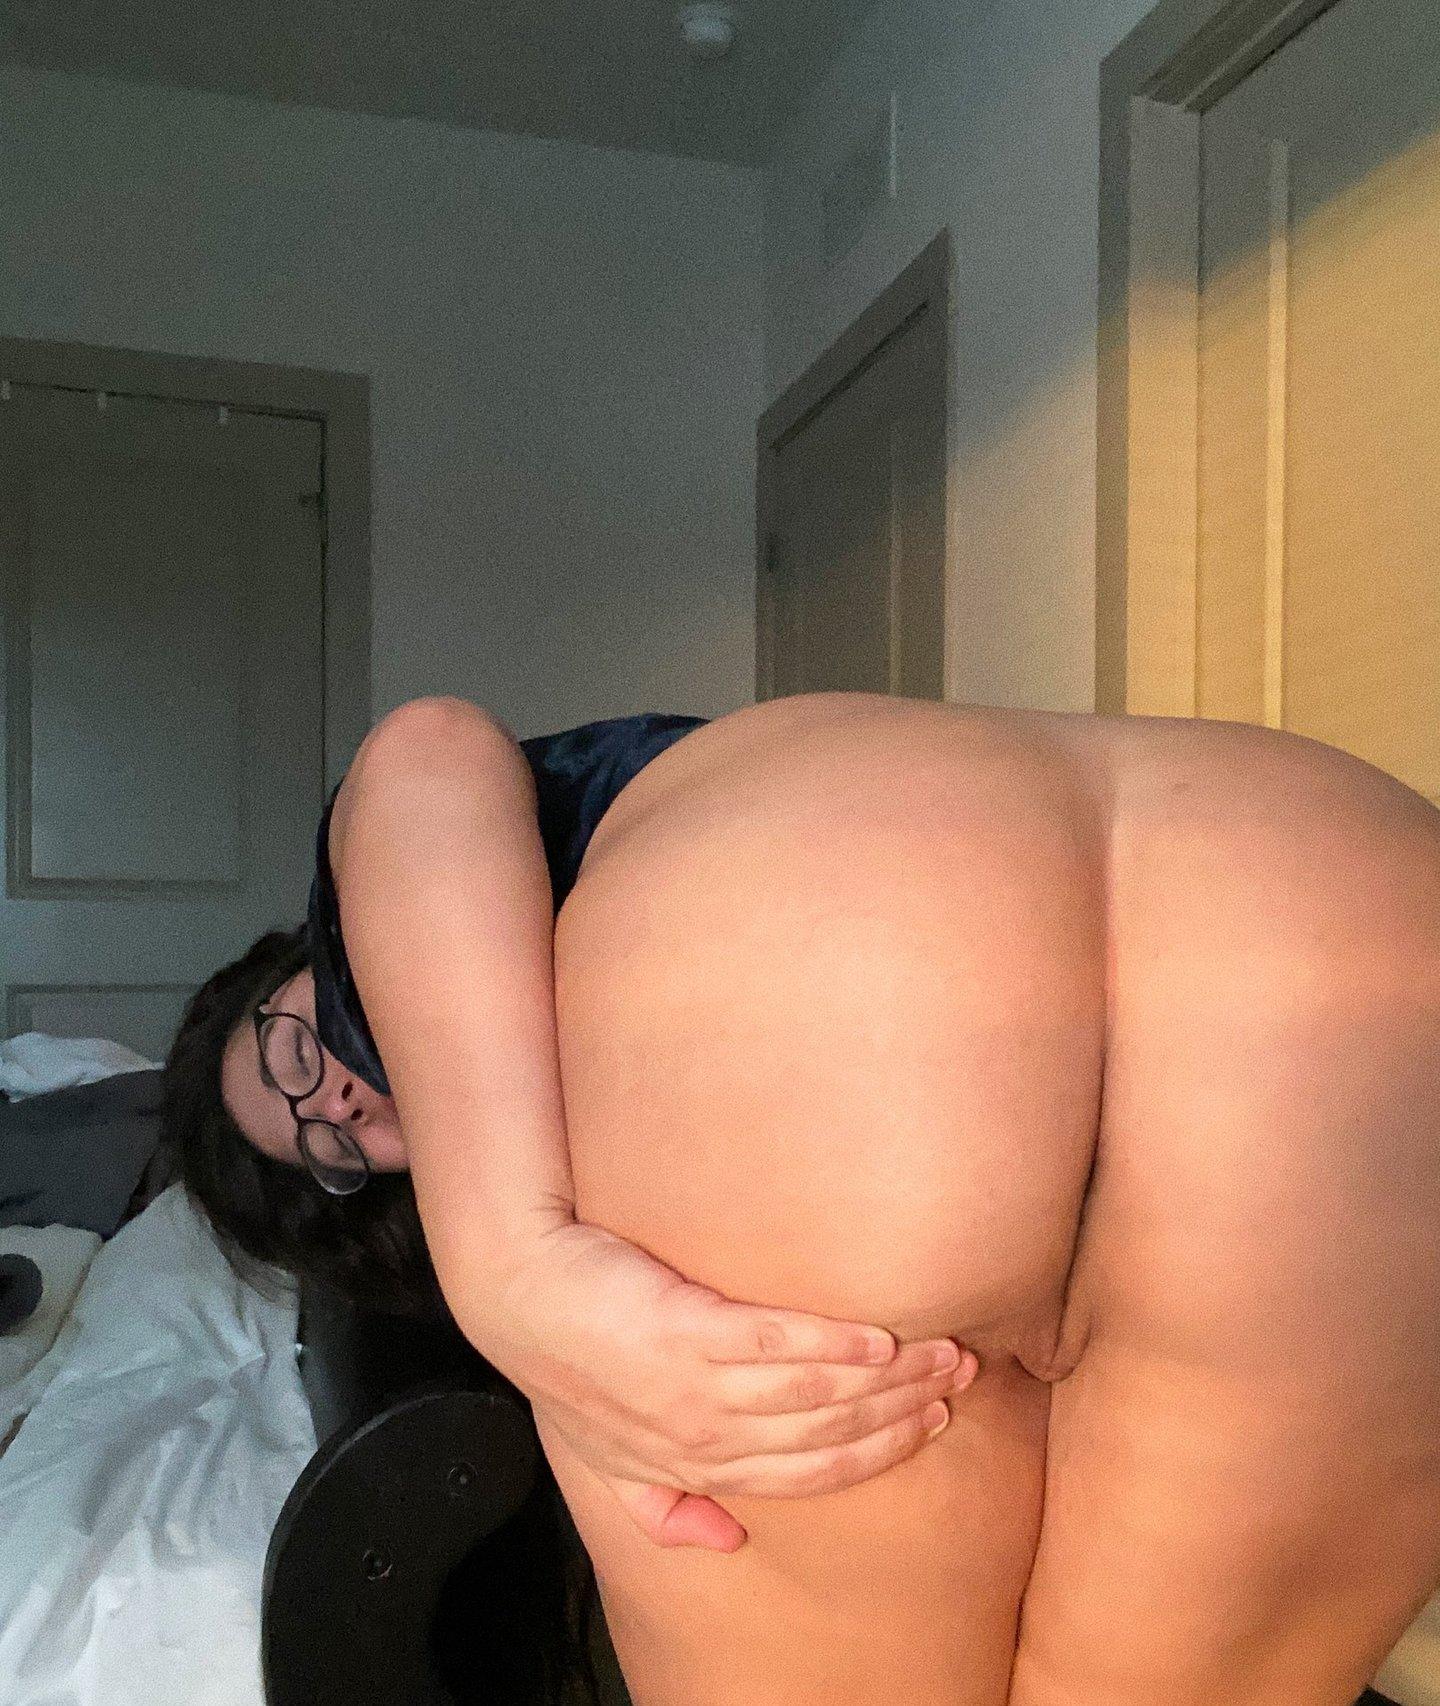 Natalie Monroe Nataliemonroe Onlyfans Nude Leaks 0024